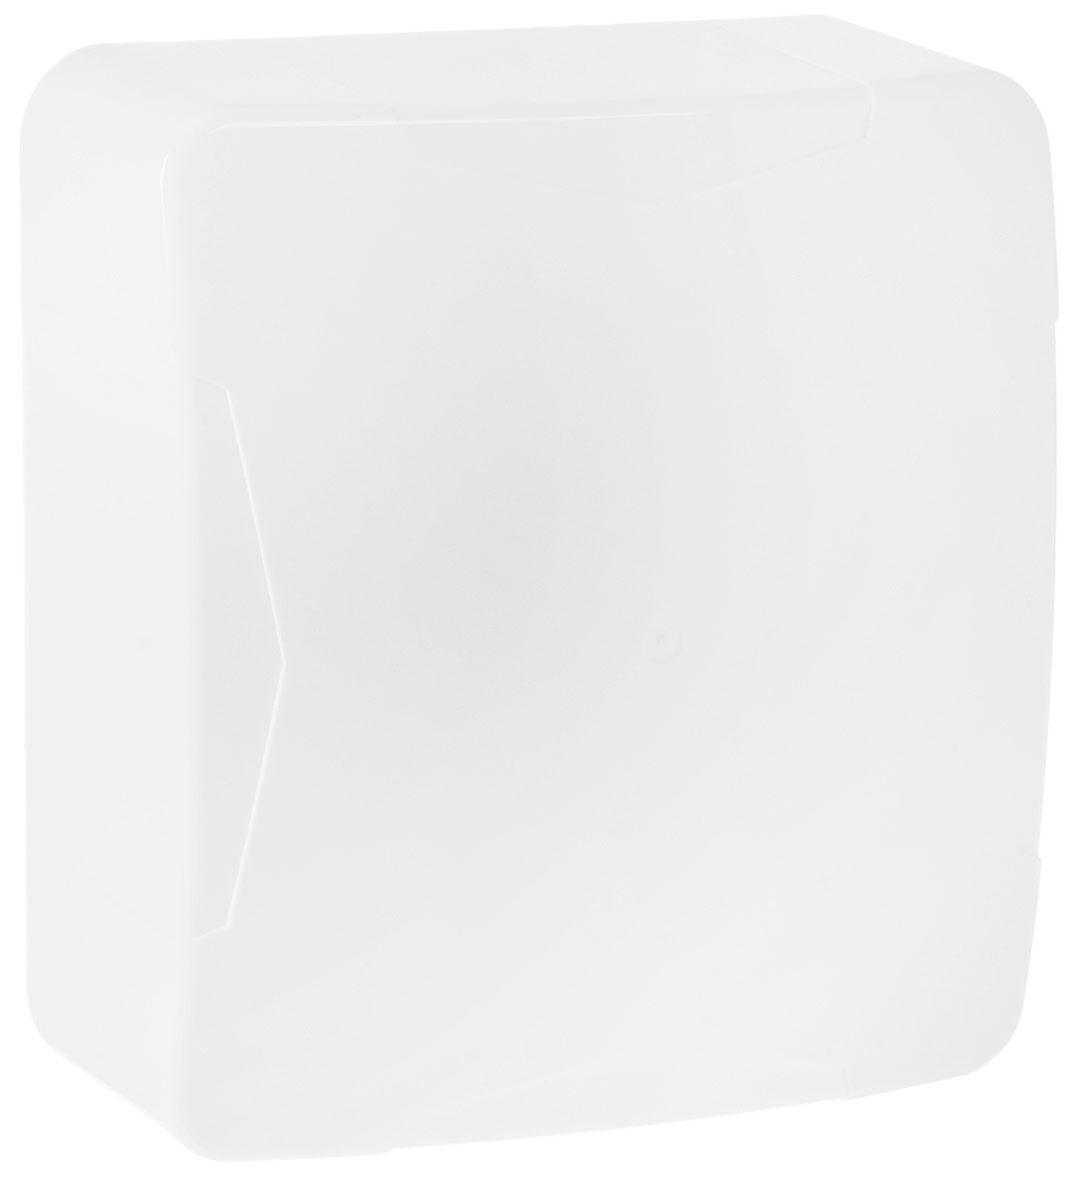 Антэкс  3G/4G Универсал  антенна усиления интернет-сигнала с переходником CRC-9 - Сетевое оборудование